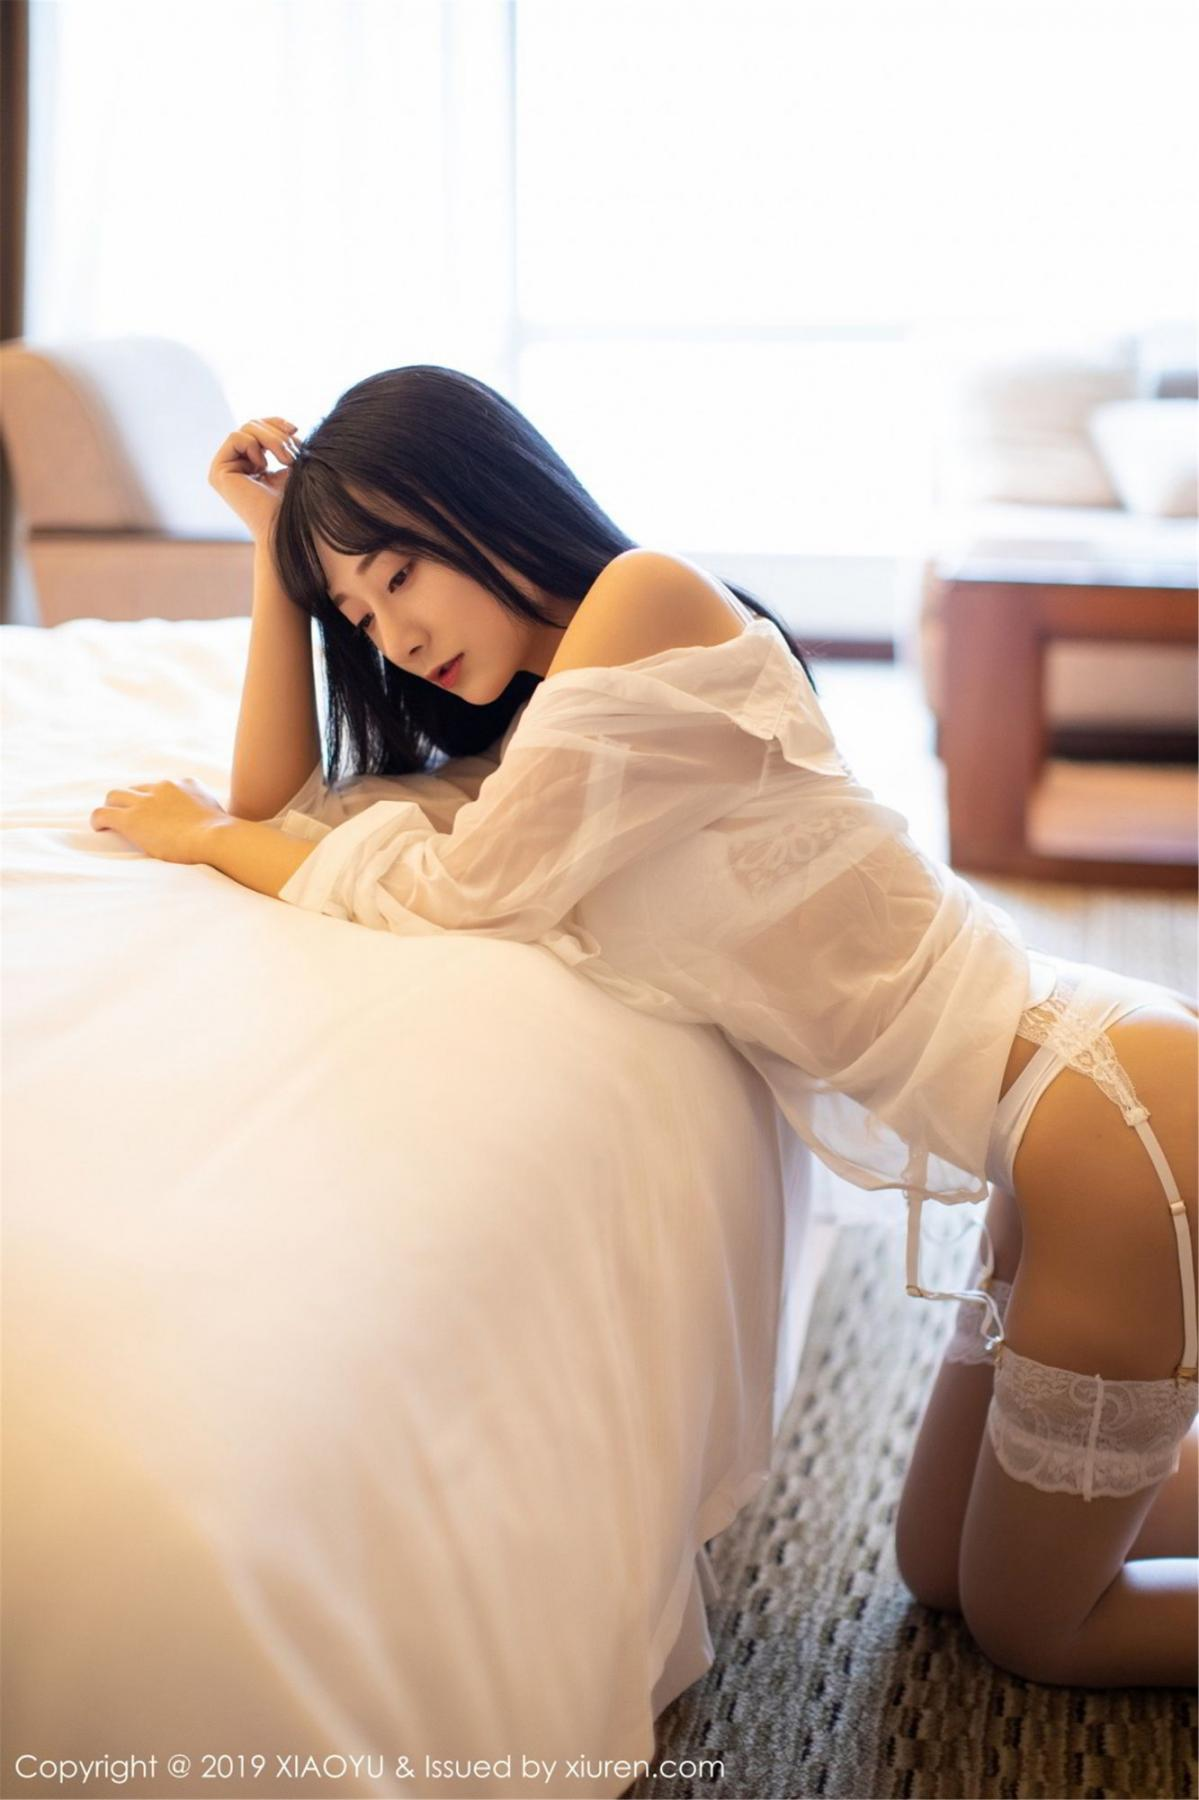 [XiaoYu] Vol.076 He Jia Ying 19P, He Jia Ying, Underwear, XiaoYu